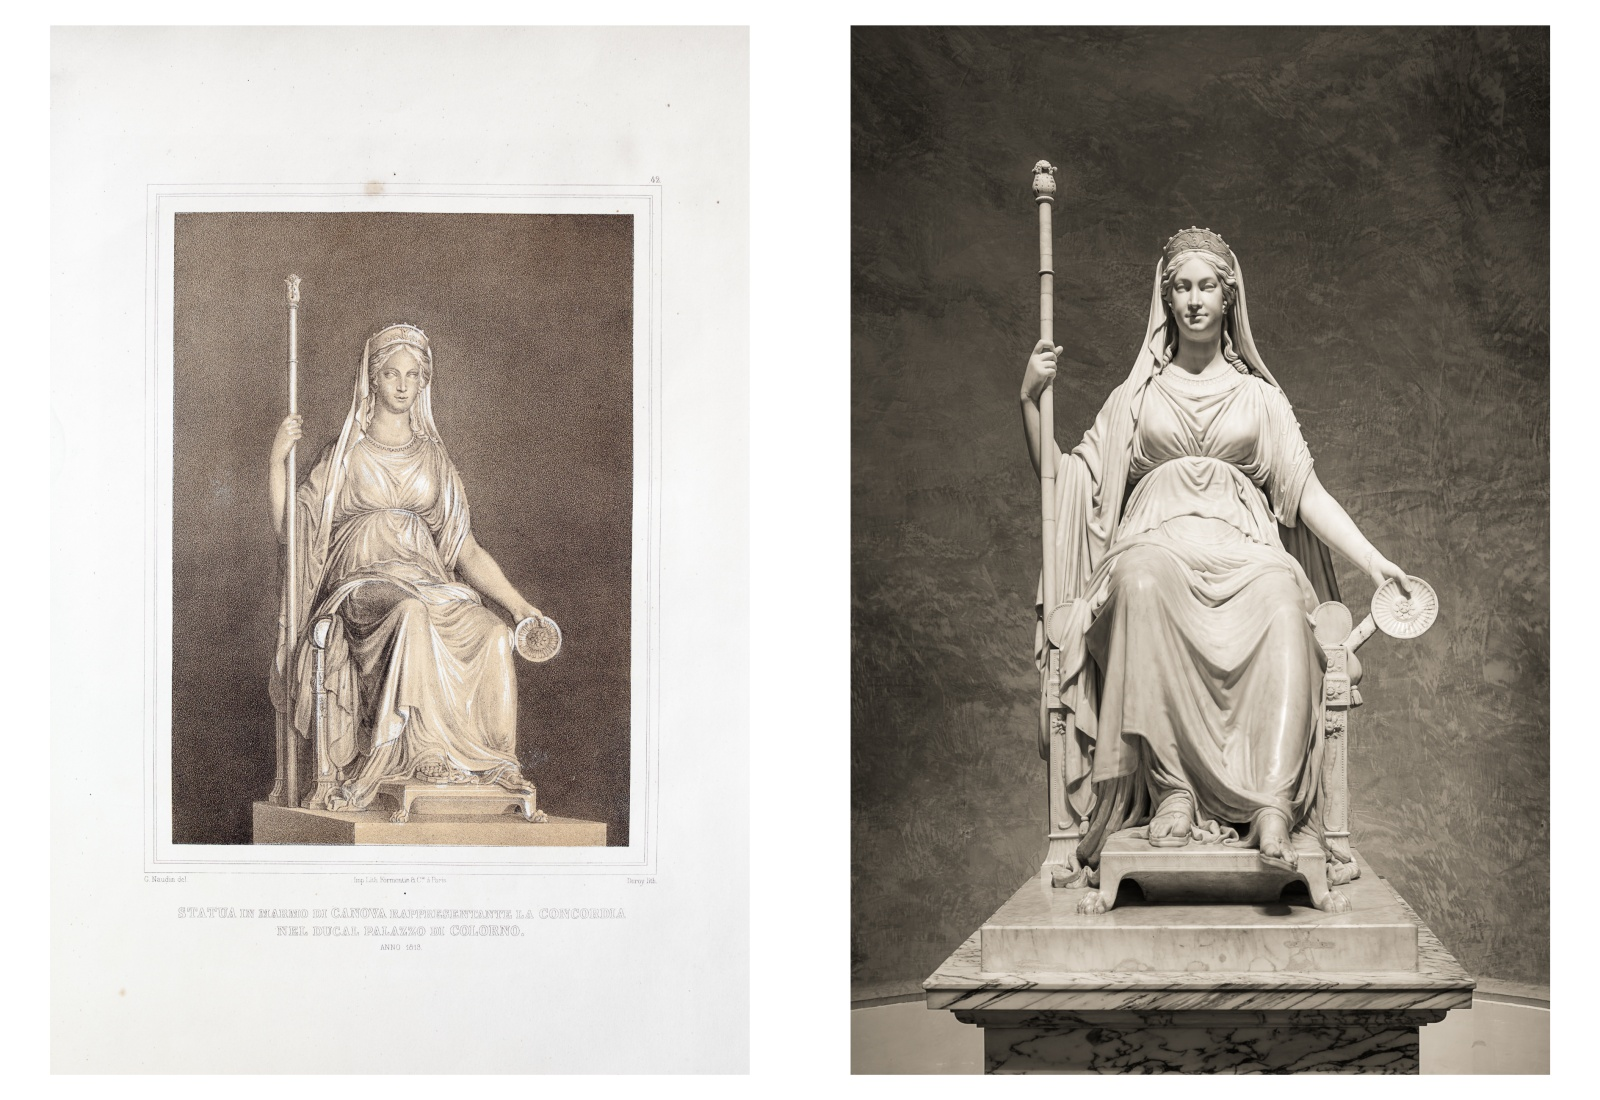 Statua in marmo di Canova, rappresentante la concordia, nel Palazzo di Colorno.